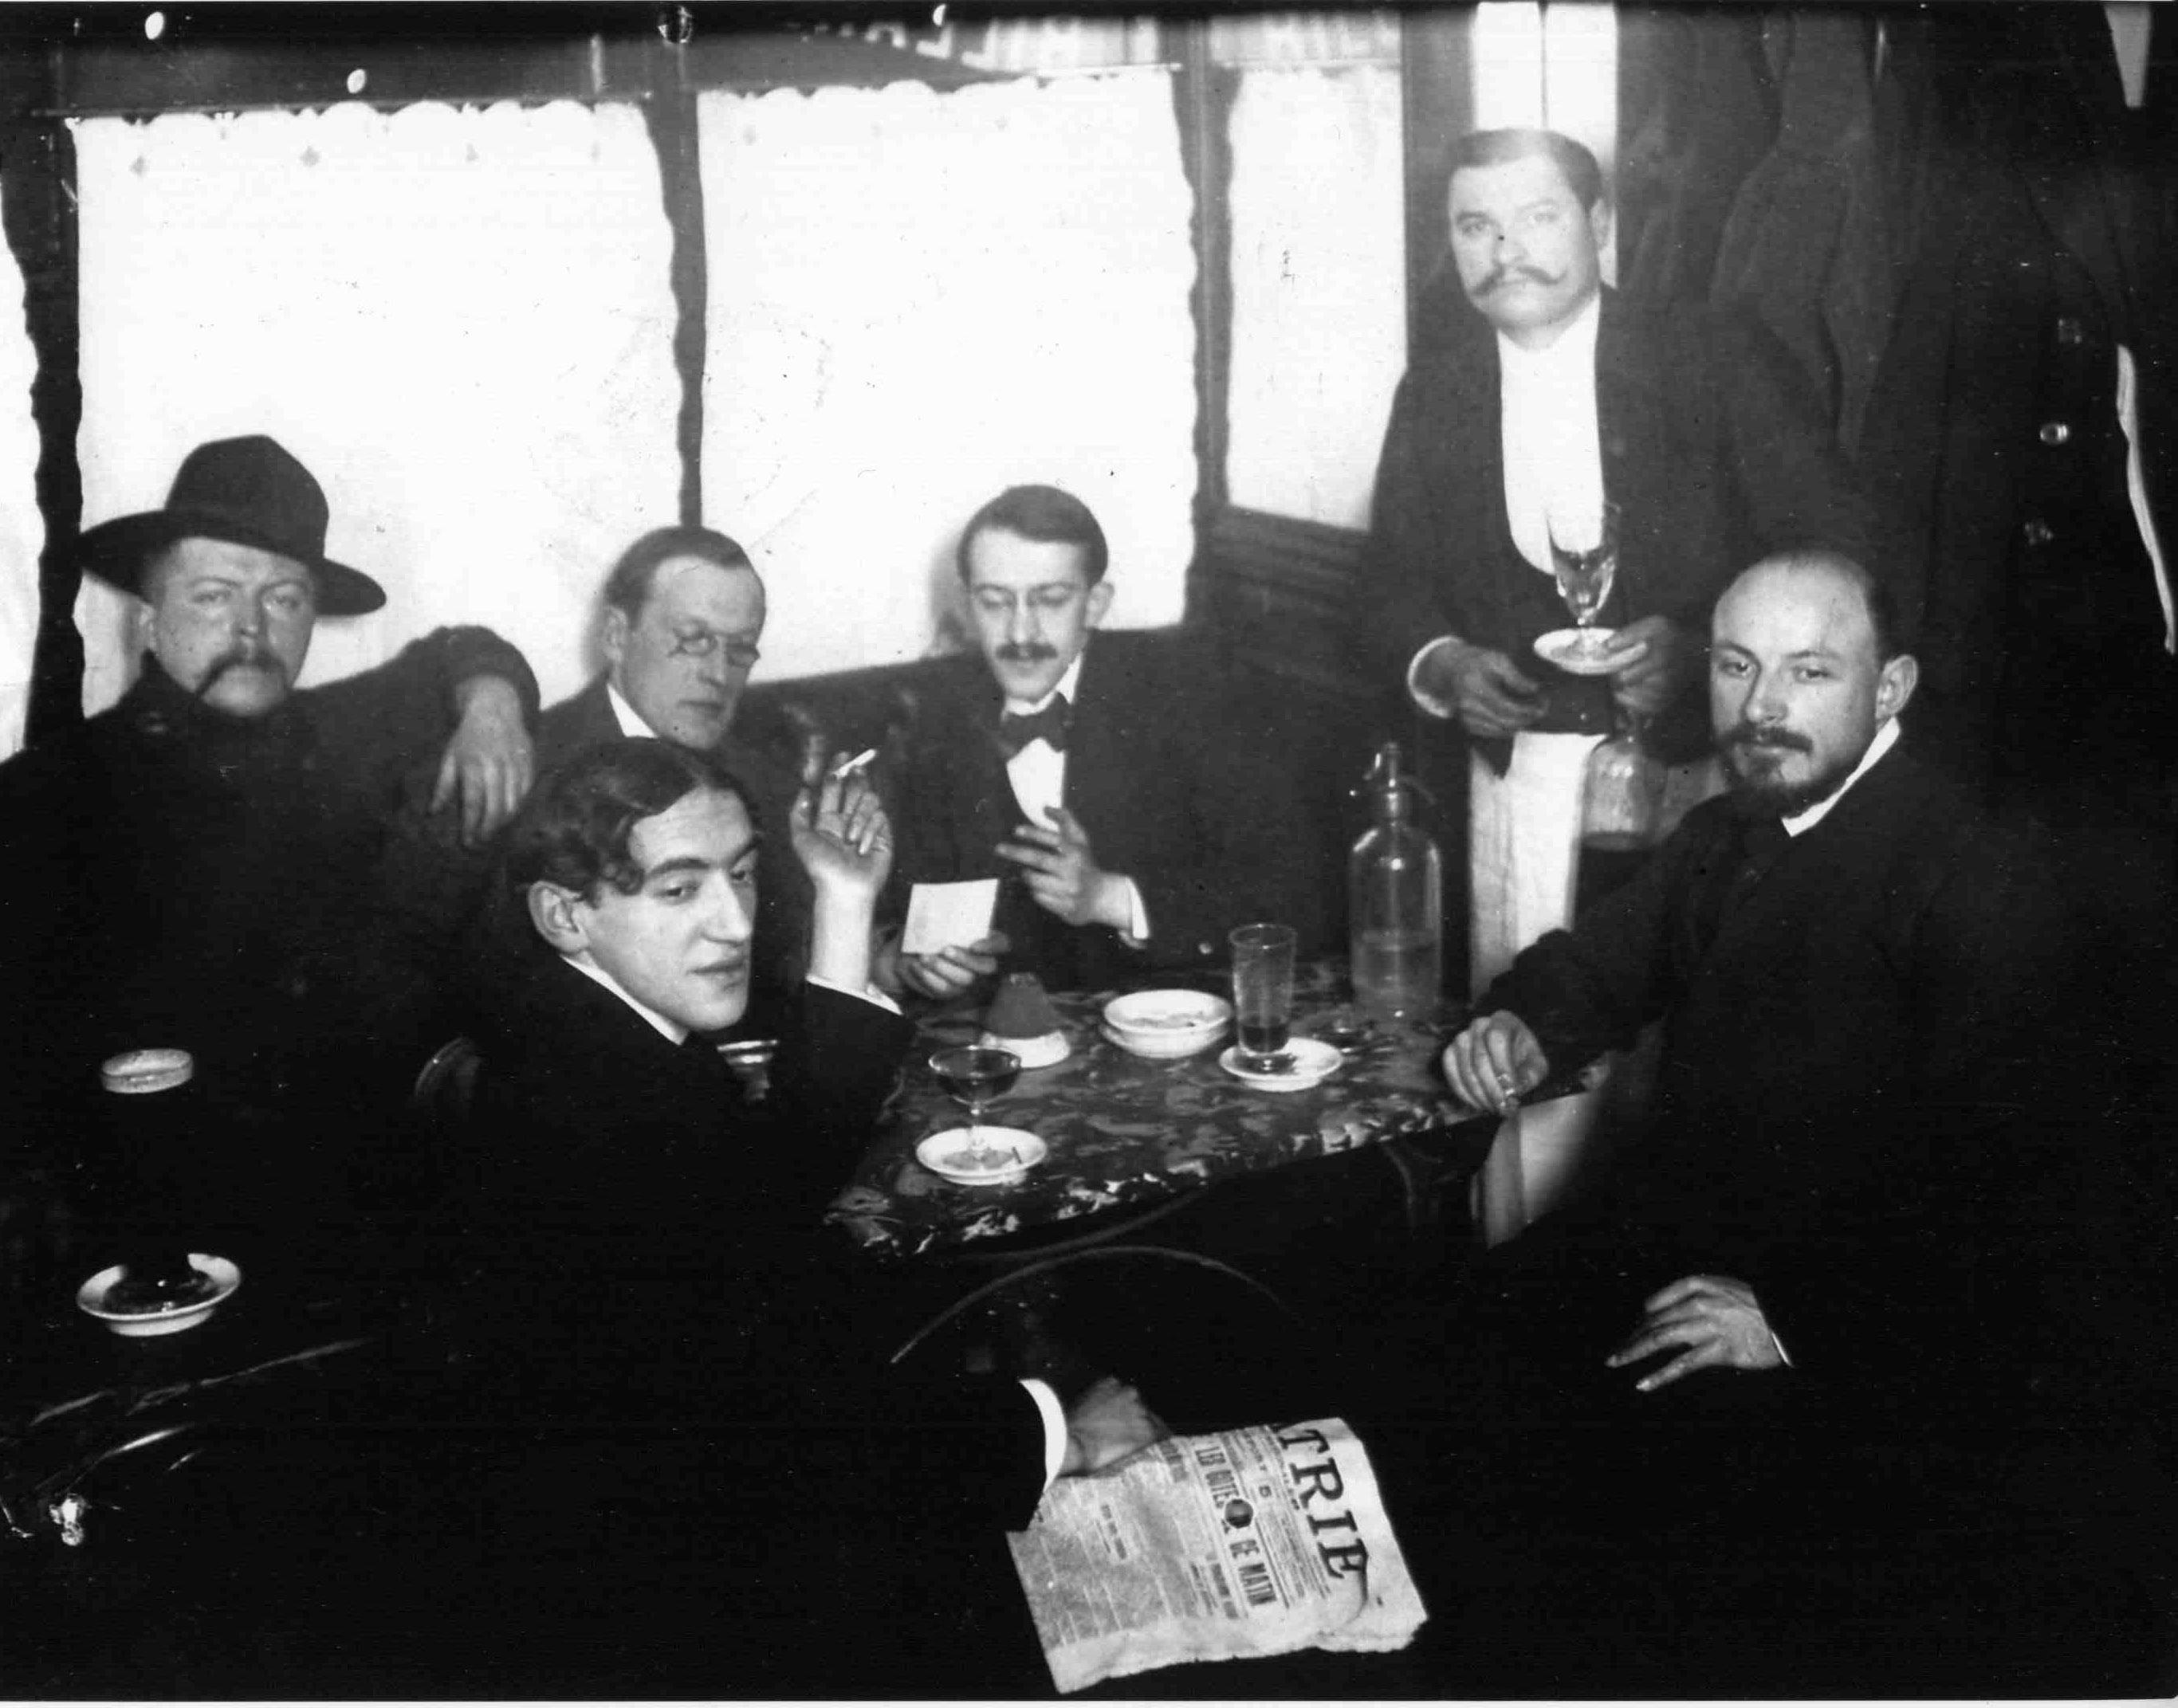 https://ufe-experts.fr/wp-content/uploads/2019/08/PASCIN-au-Dôme-à-Montparnasse-en-1905-©-Archives-Napolitano.jpg